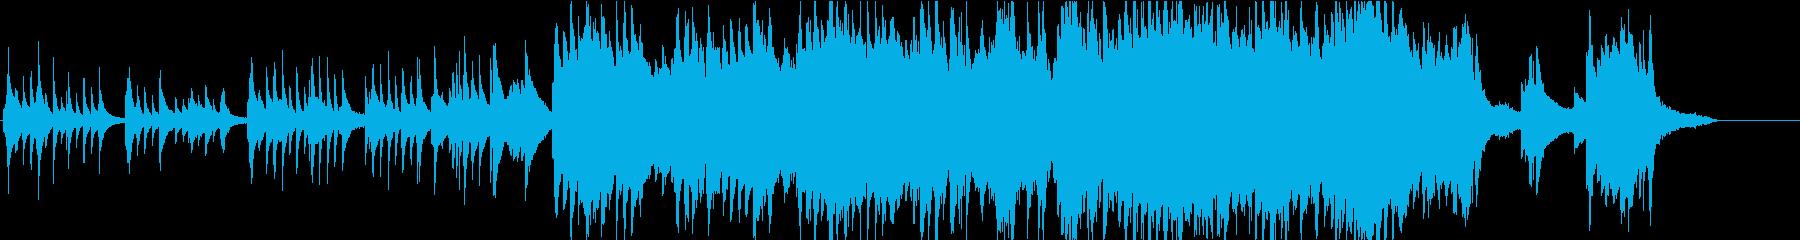 ピアノと弦のベタなやや感動BGMの再生済みの波形